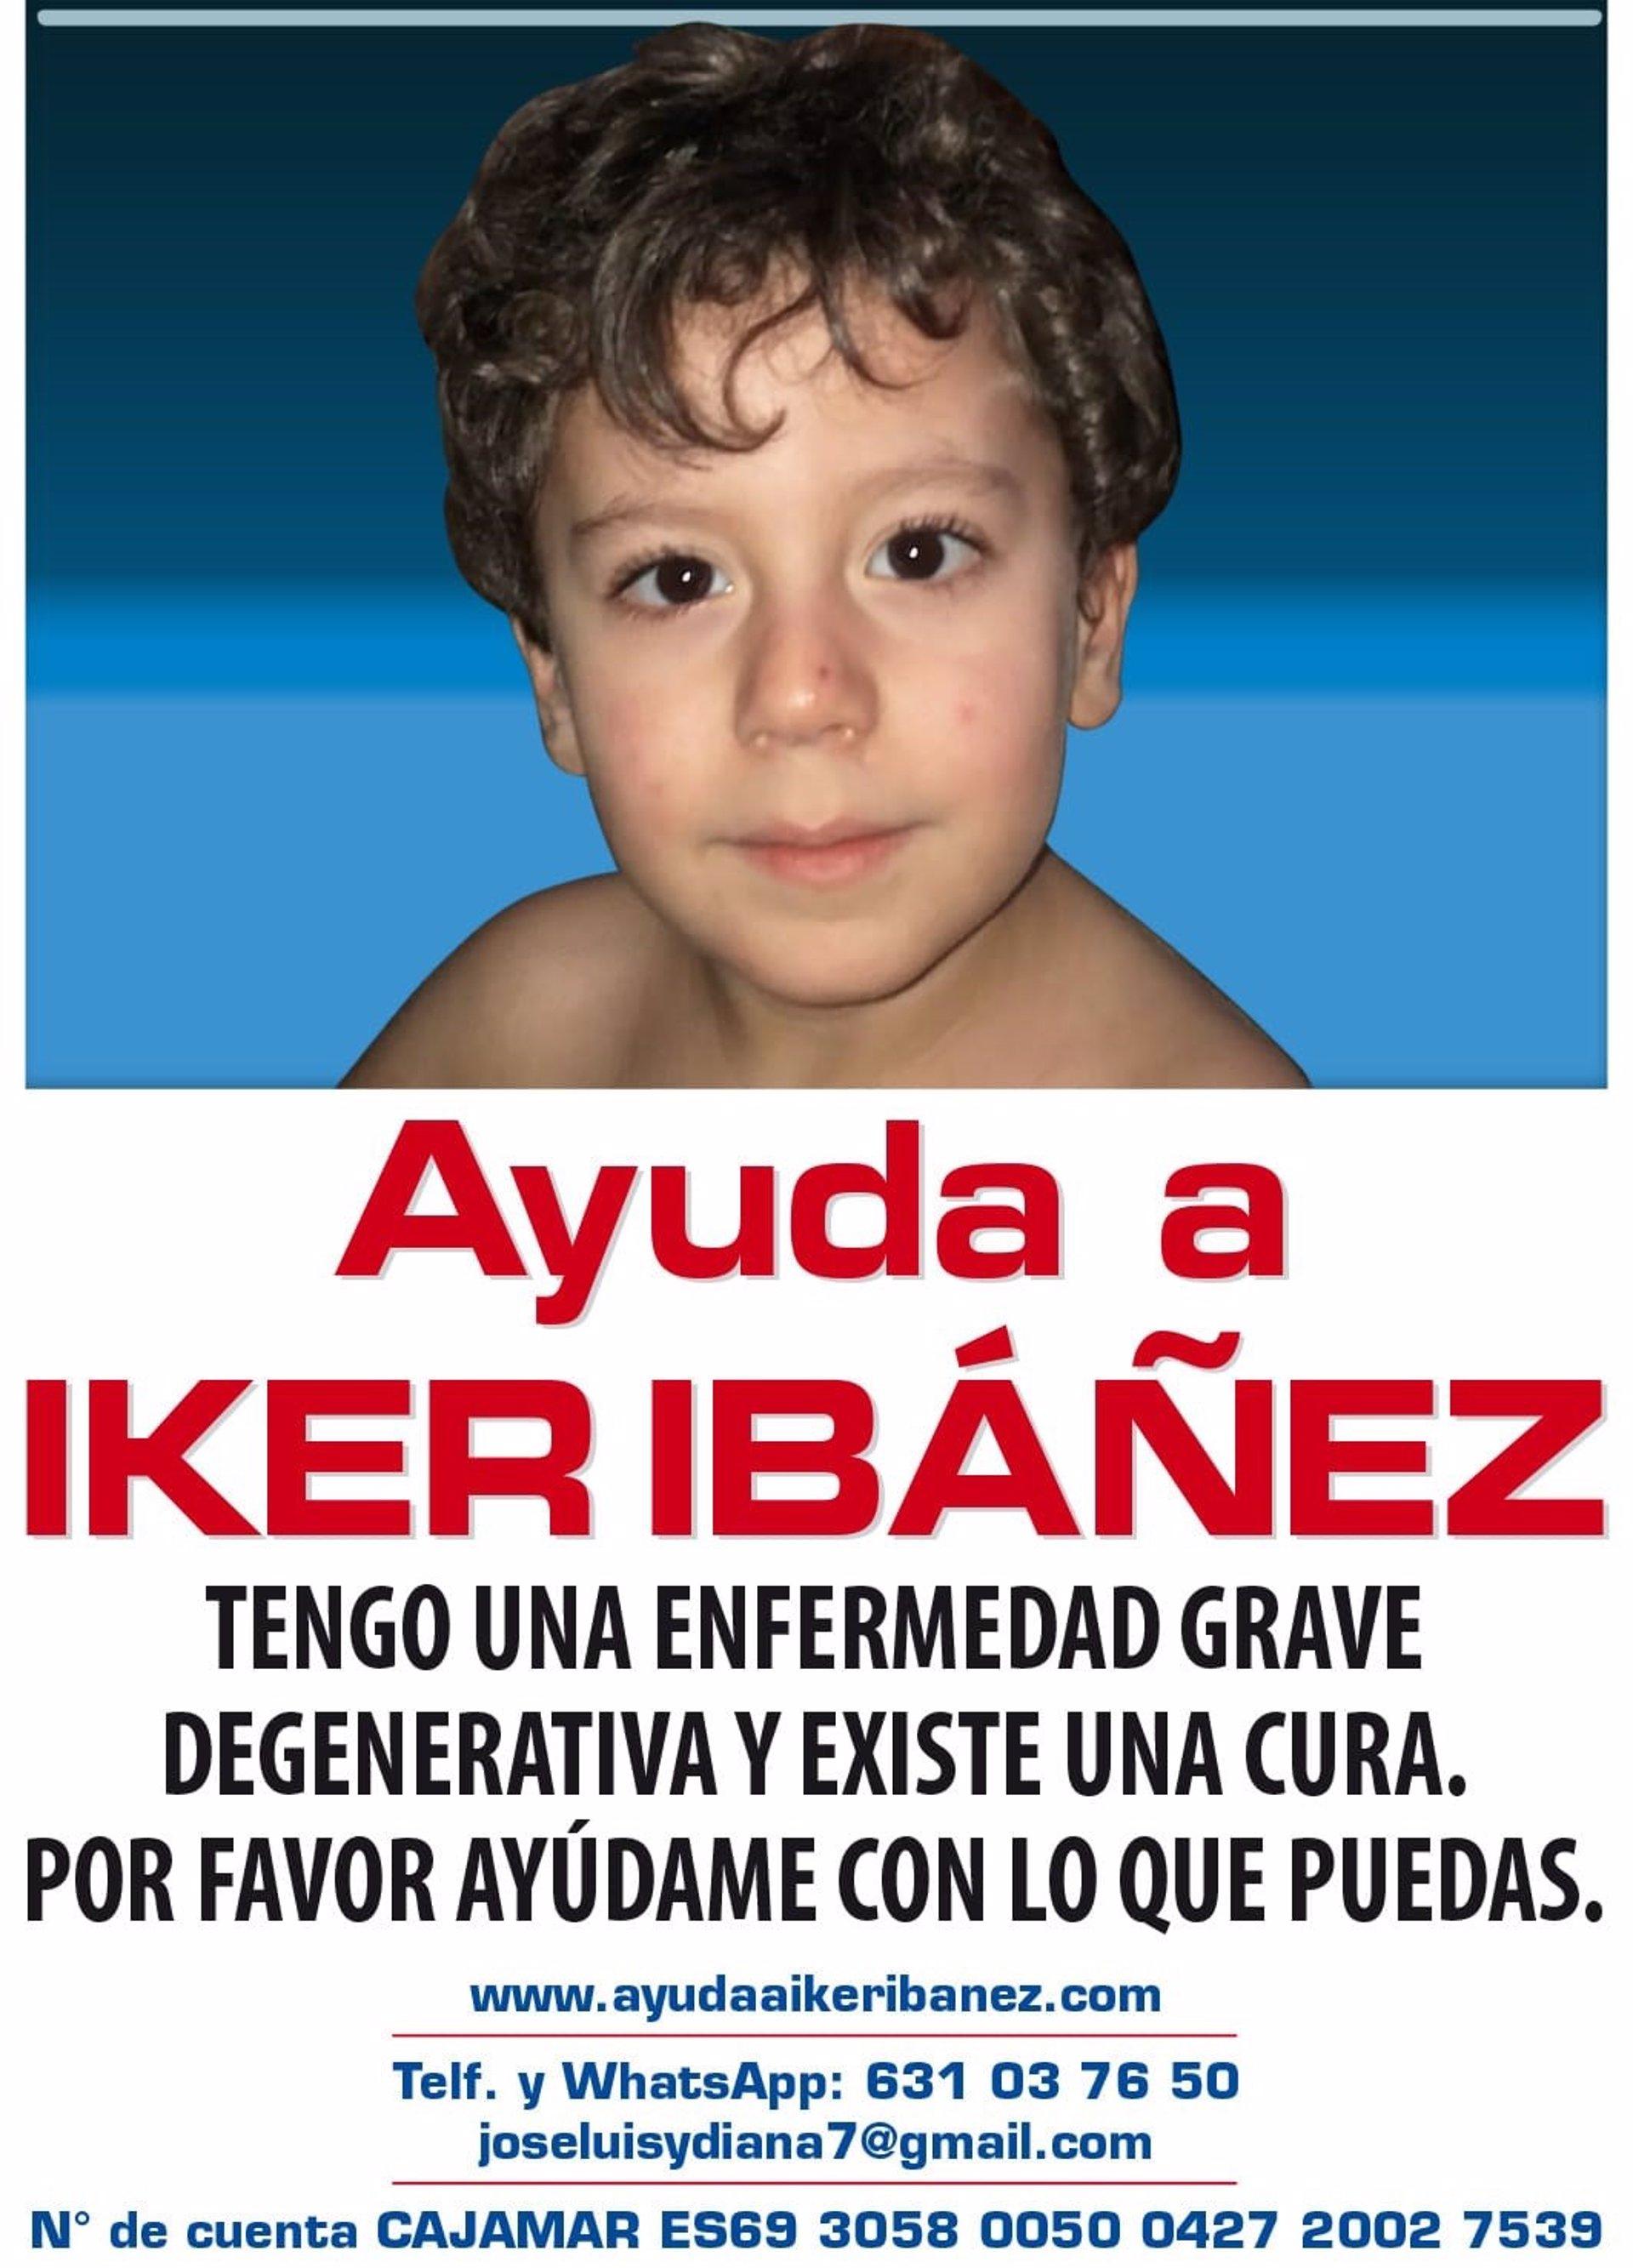 Recaudan fondos para ayudar a Iker, un niño con cinco años con una enfermedad rara degenerativa